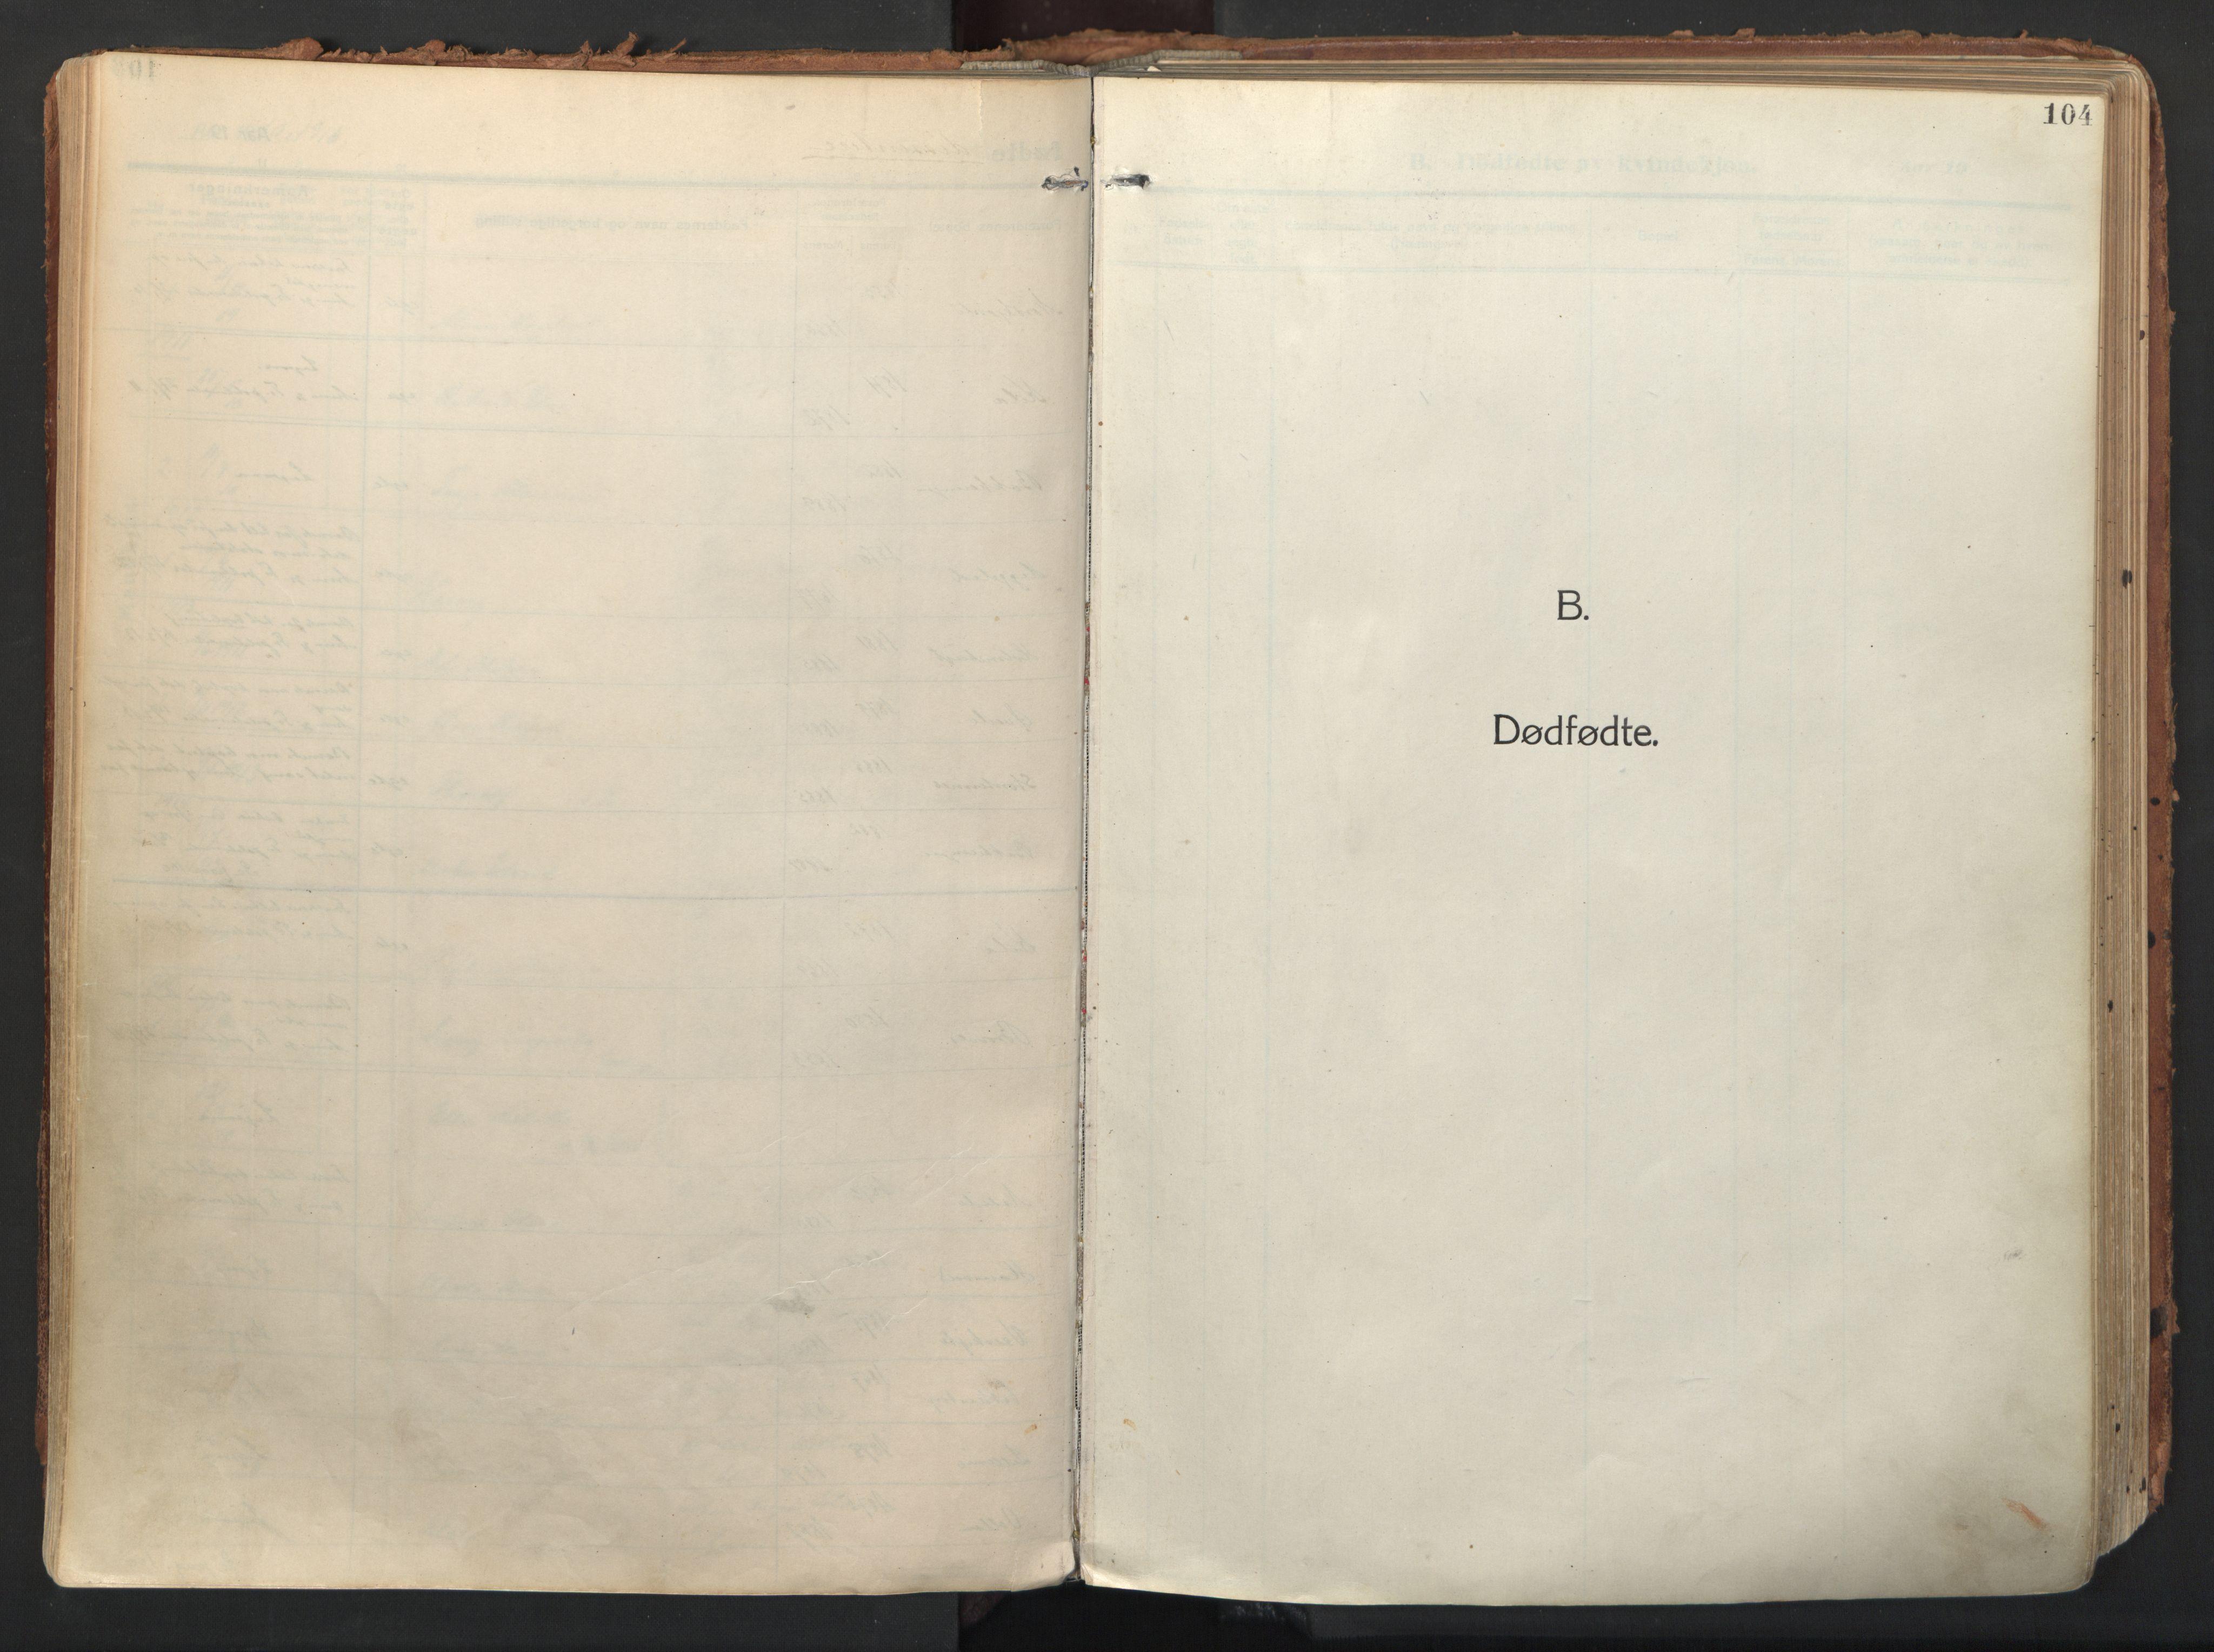 SATØ, Balsfjord sokneprestembete, Ministerialbok nr. 9, 1909-1921, s. 104